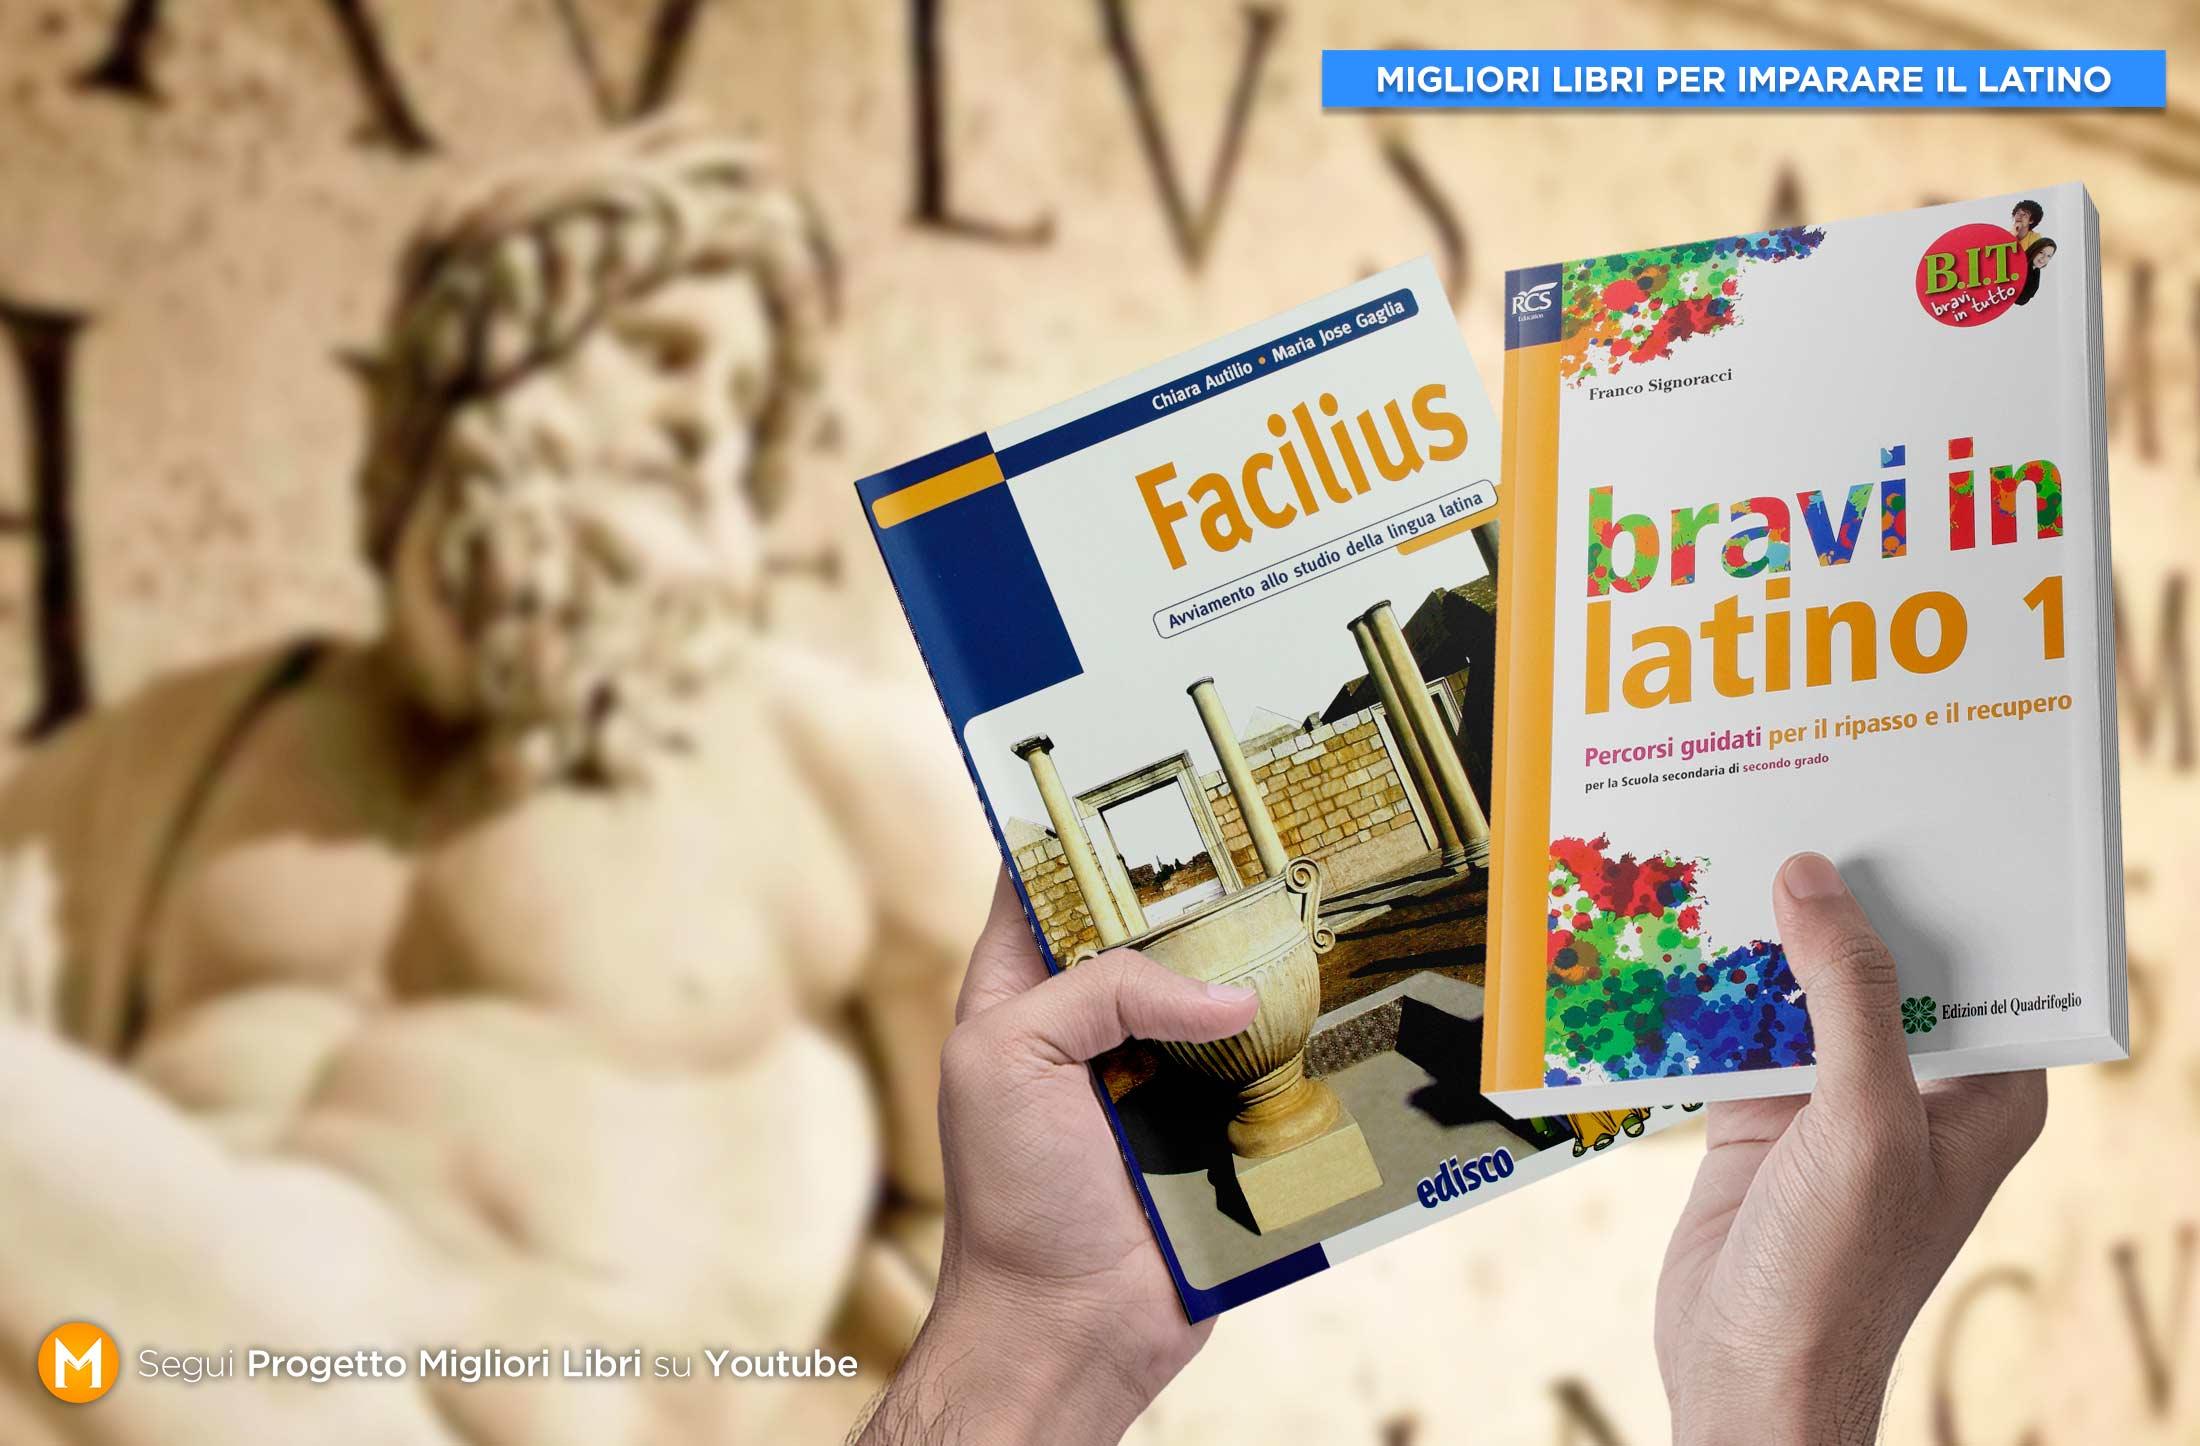 migliori-libri-per-imparare-il-latino